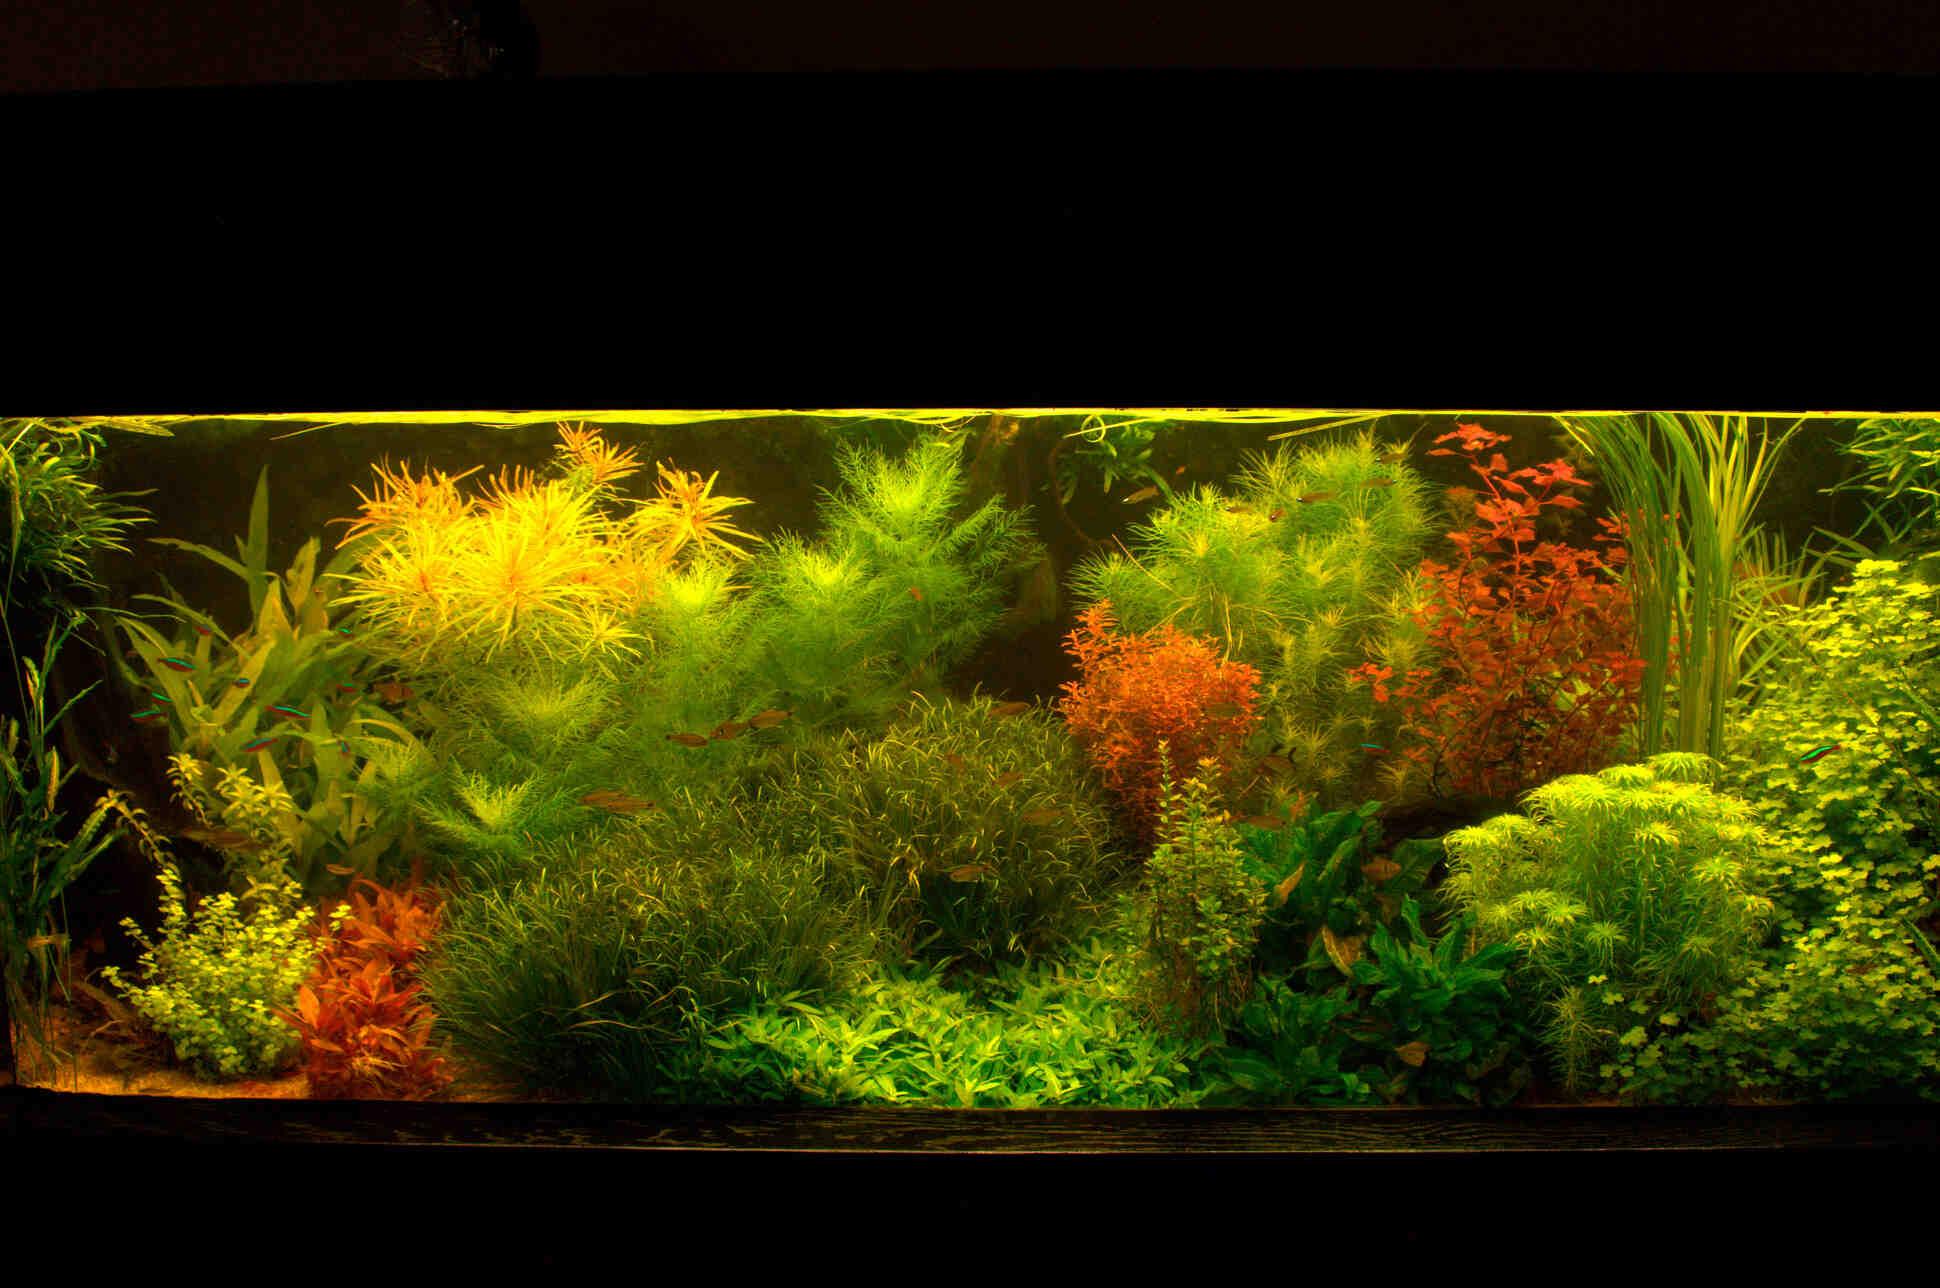 Comment savoir si l'aquarium est oxygéné?